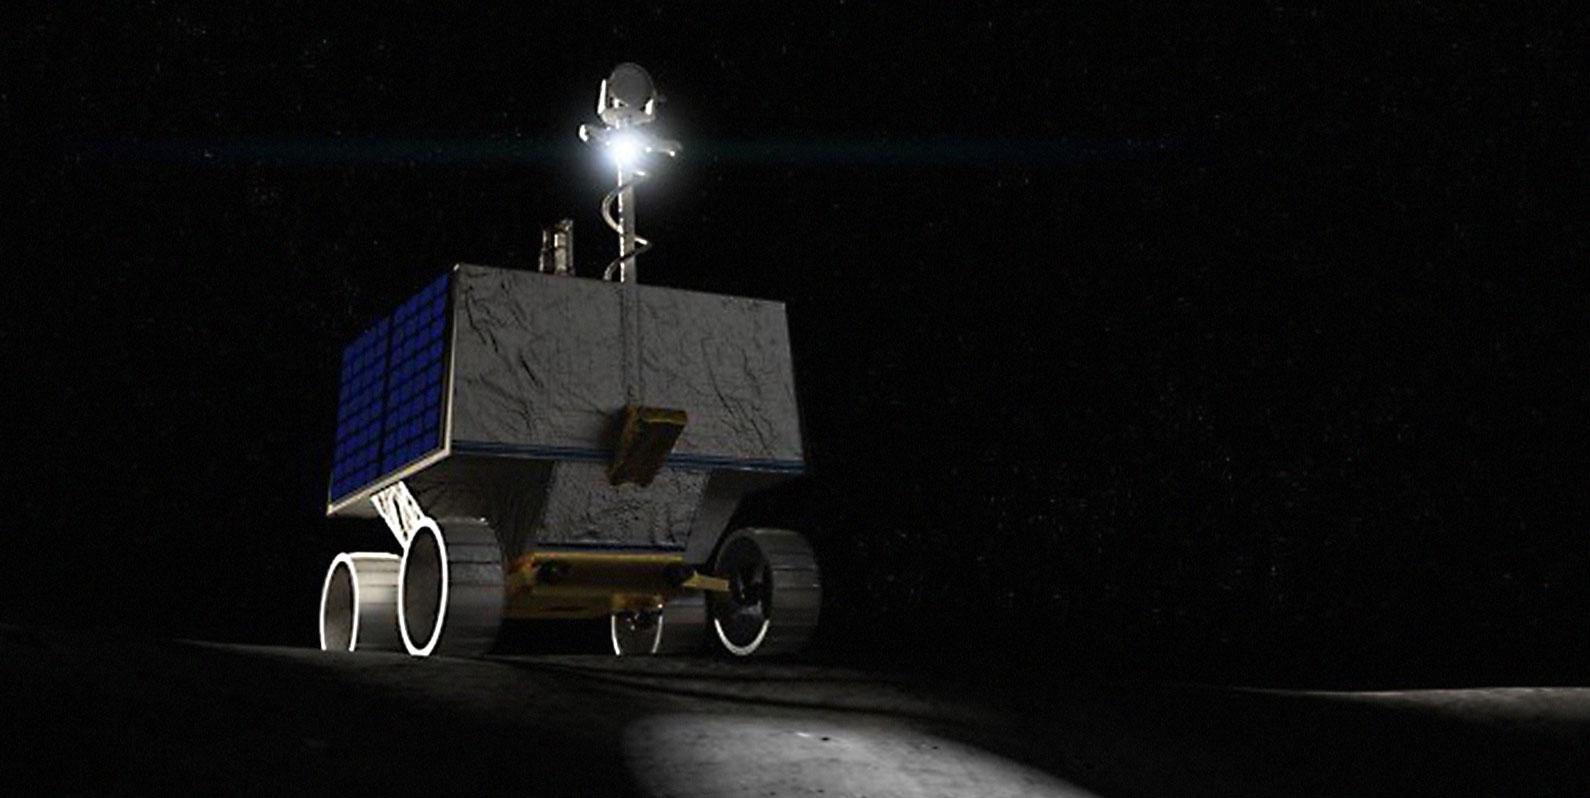 O próximo rover lunar da NASA usará um software de código aberto